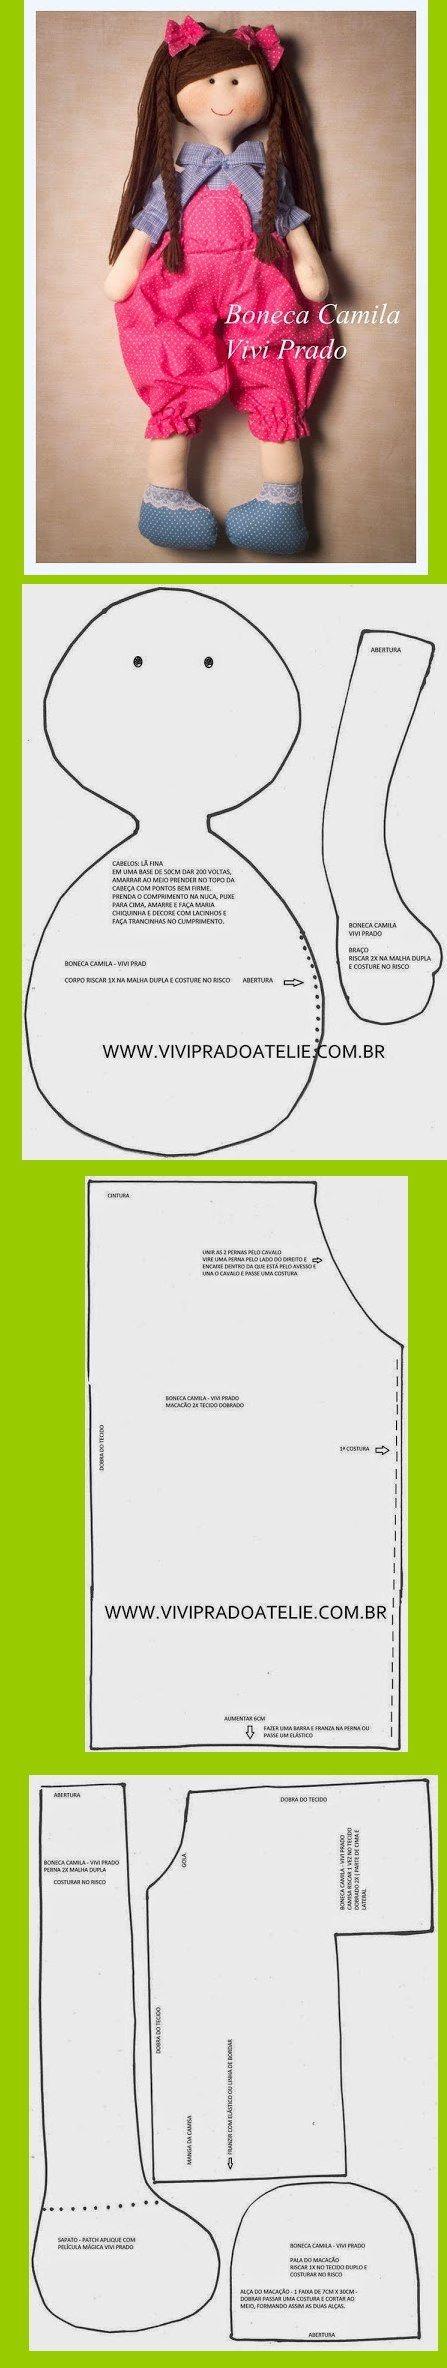 Pin de Joan Jepsen en Små ideer | Pinterest